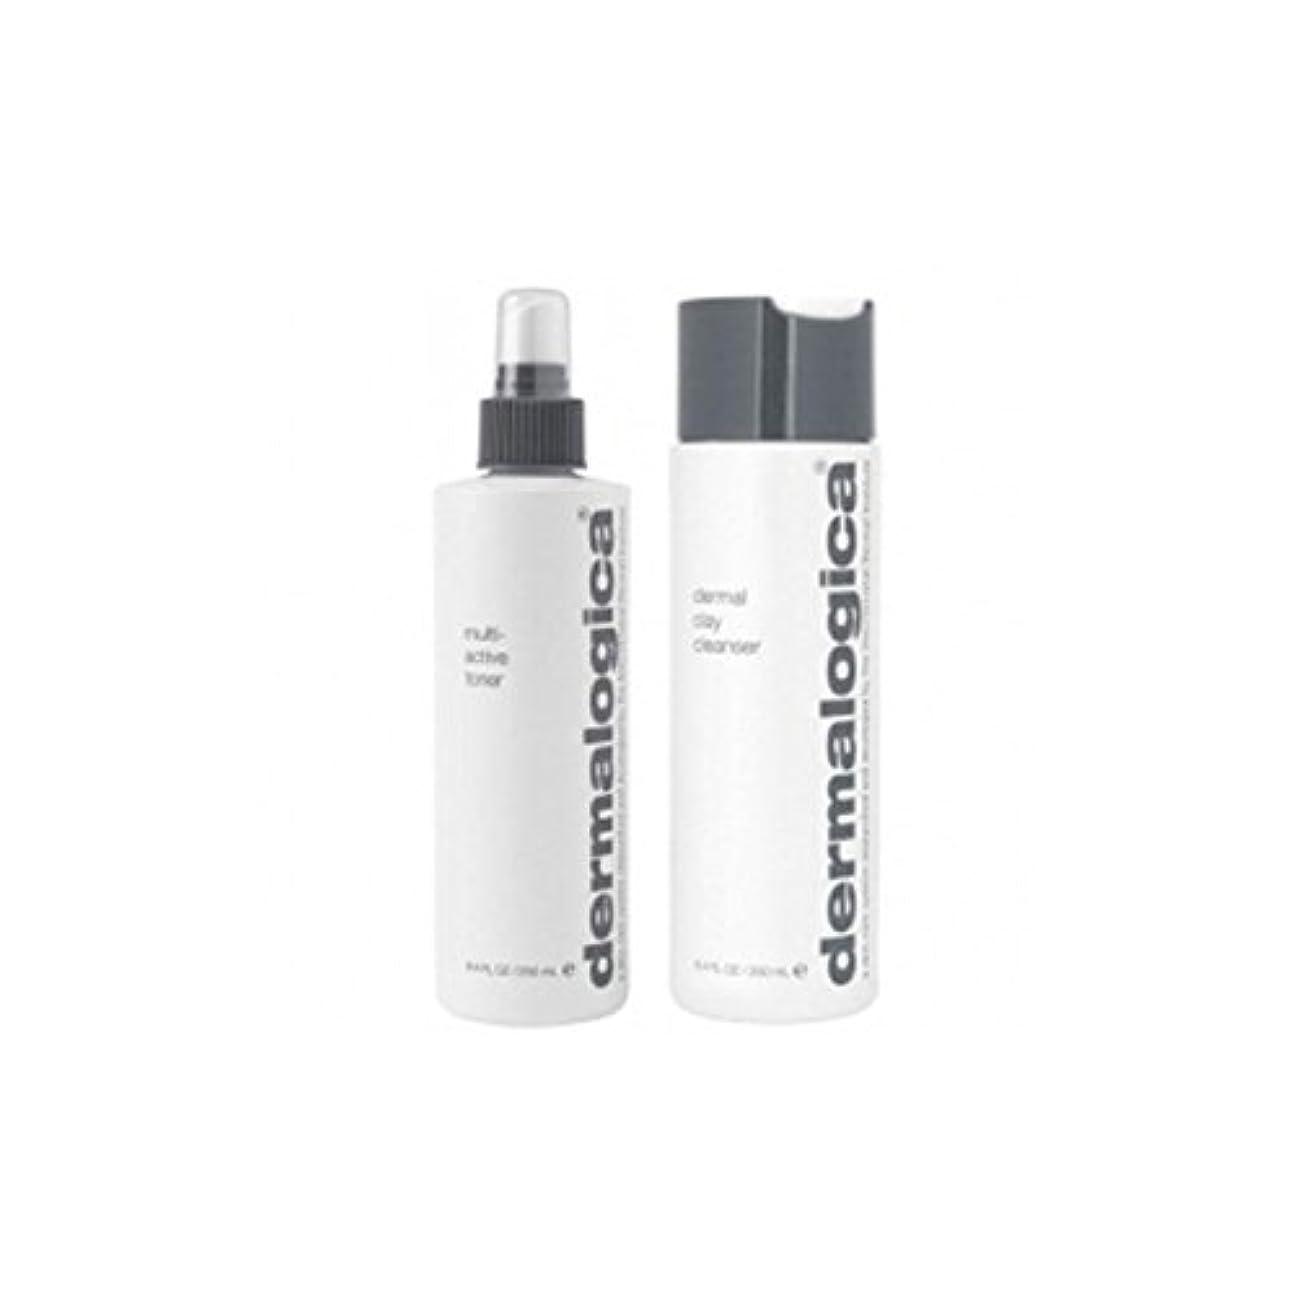 使役福祉平らなDermalogica Cleanse & Tone Duo - Oily Skin (2 Products) (Pack of 6) - ダーマロジカクレンジング&トーンデュオ - 脂性肌(2製品) x6 [並行輸入品]